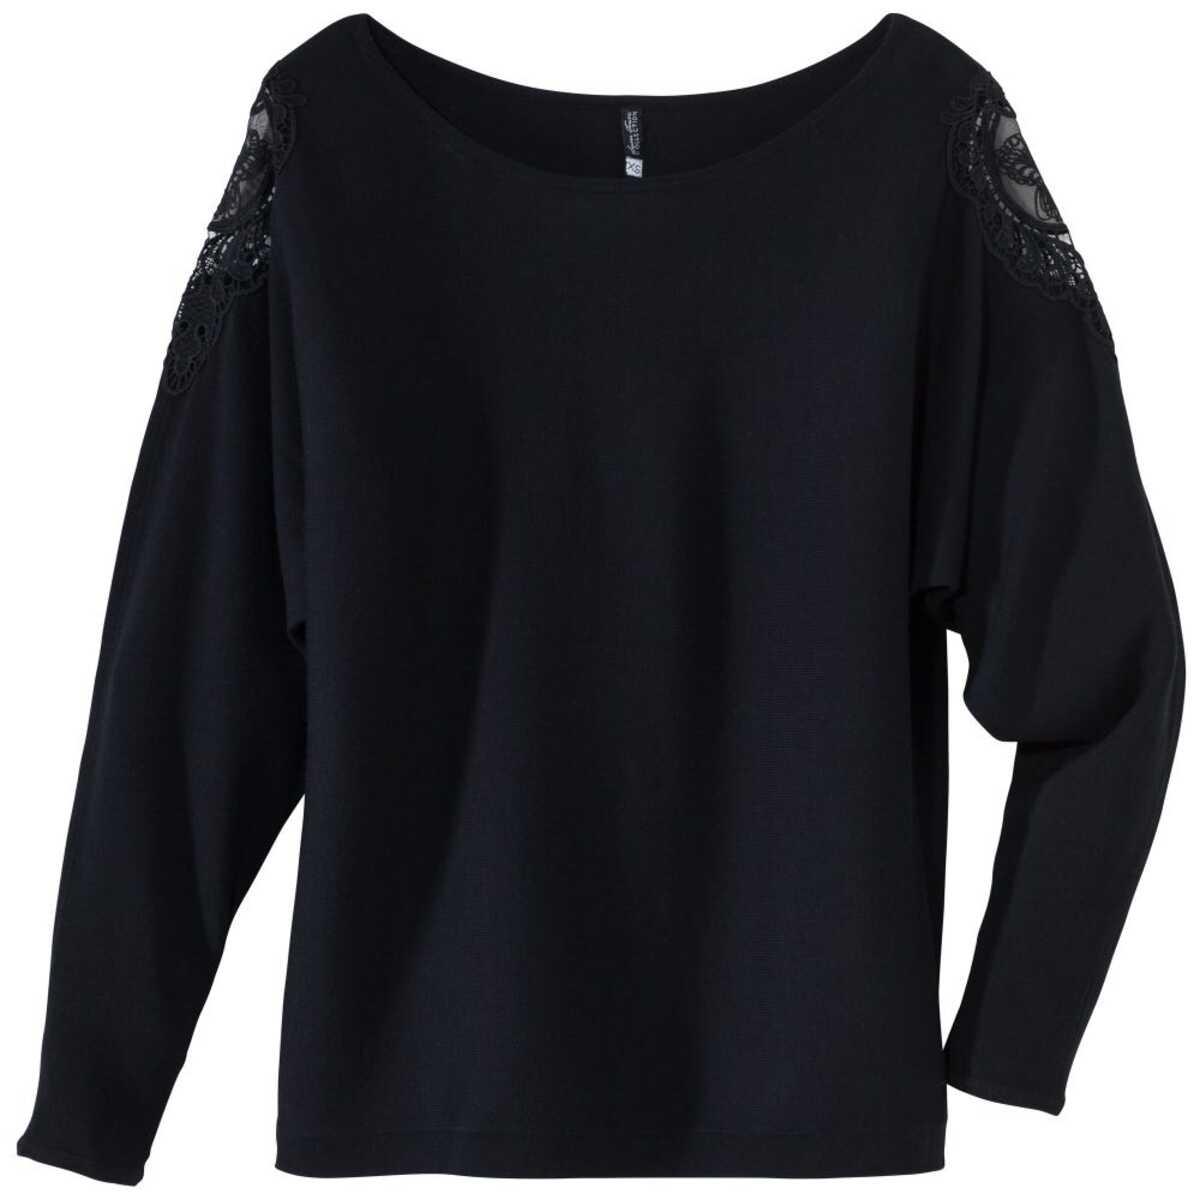 Bild 2 von Damen-Pullover mit Spitzeneinsatz an der Schulter